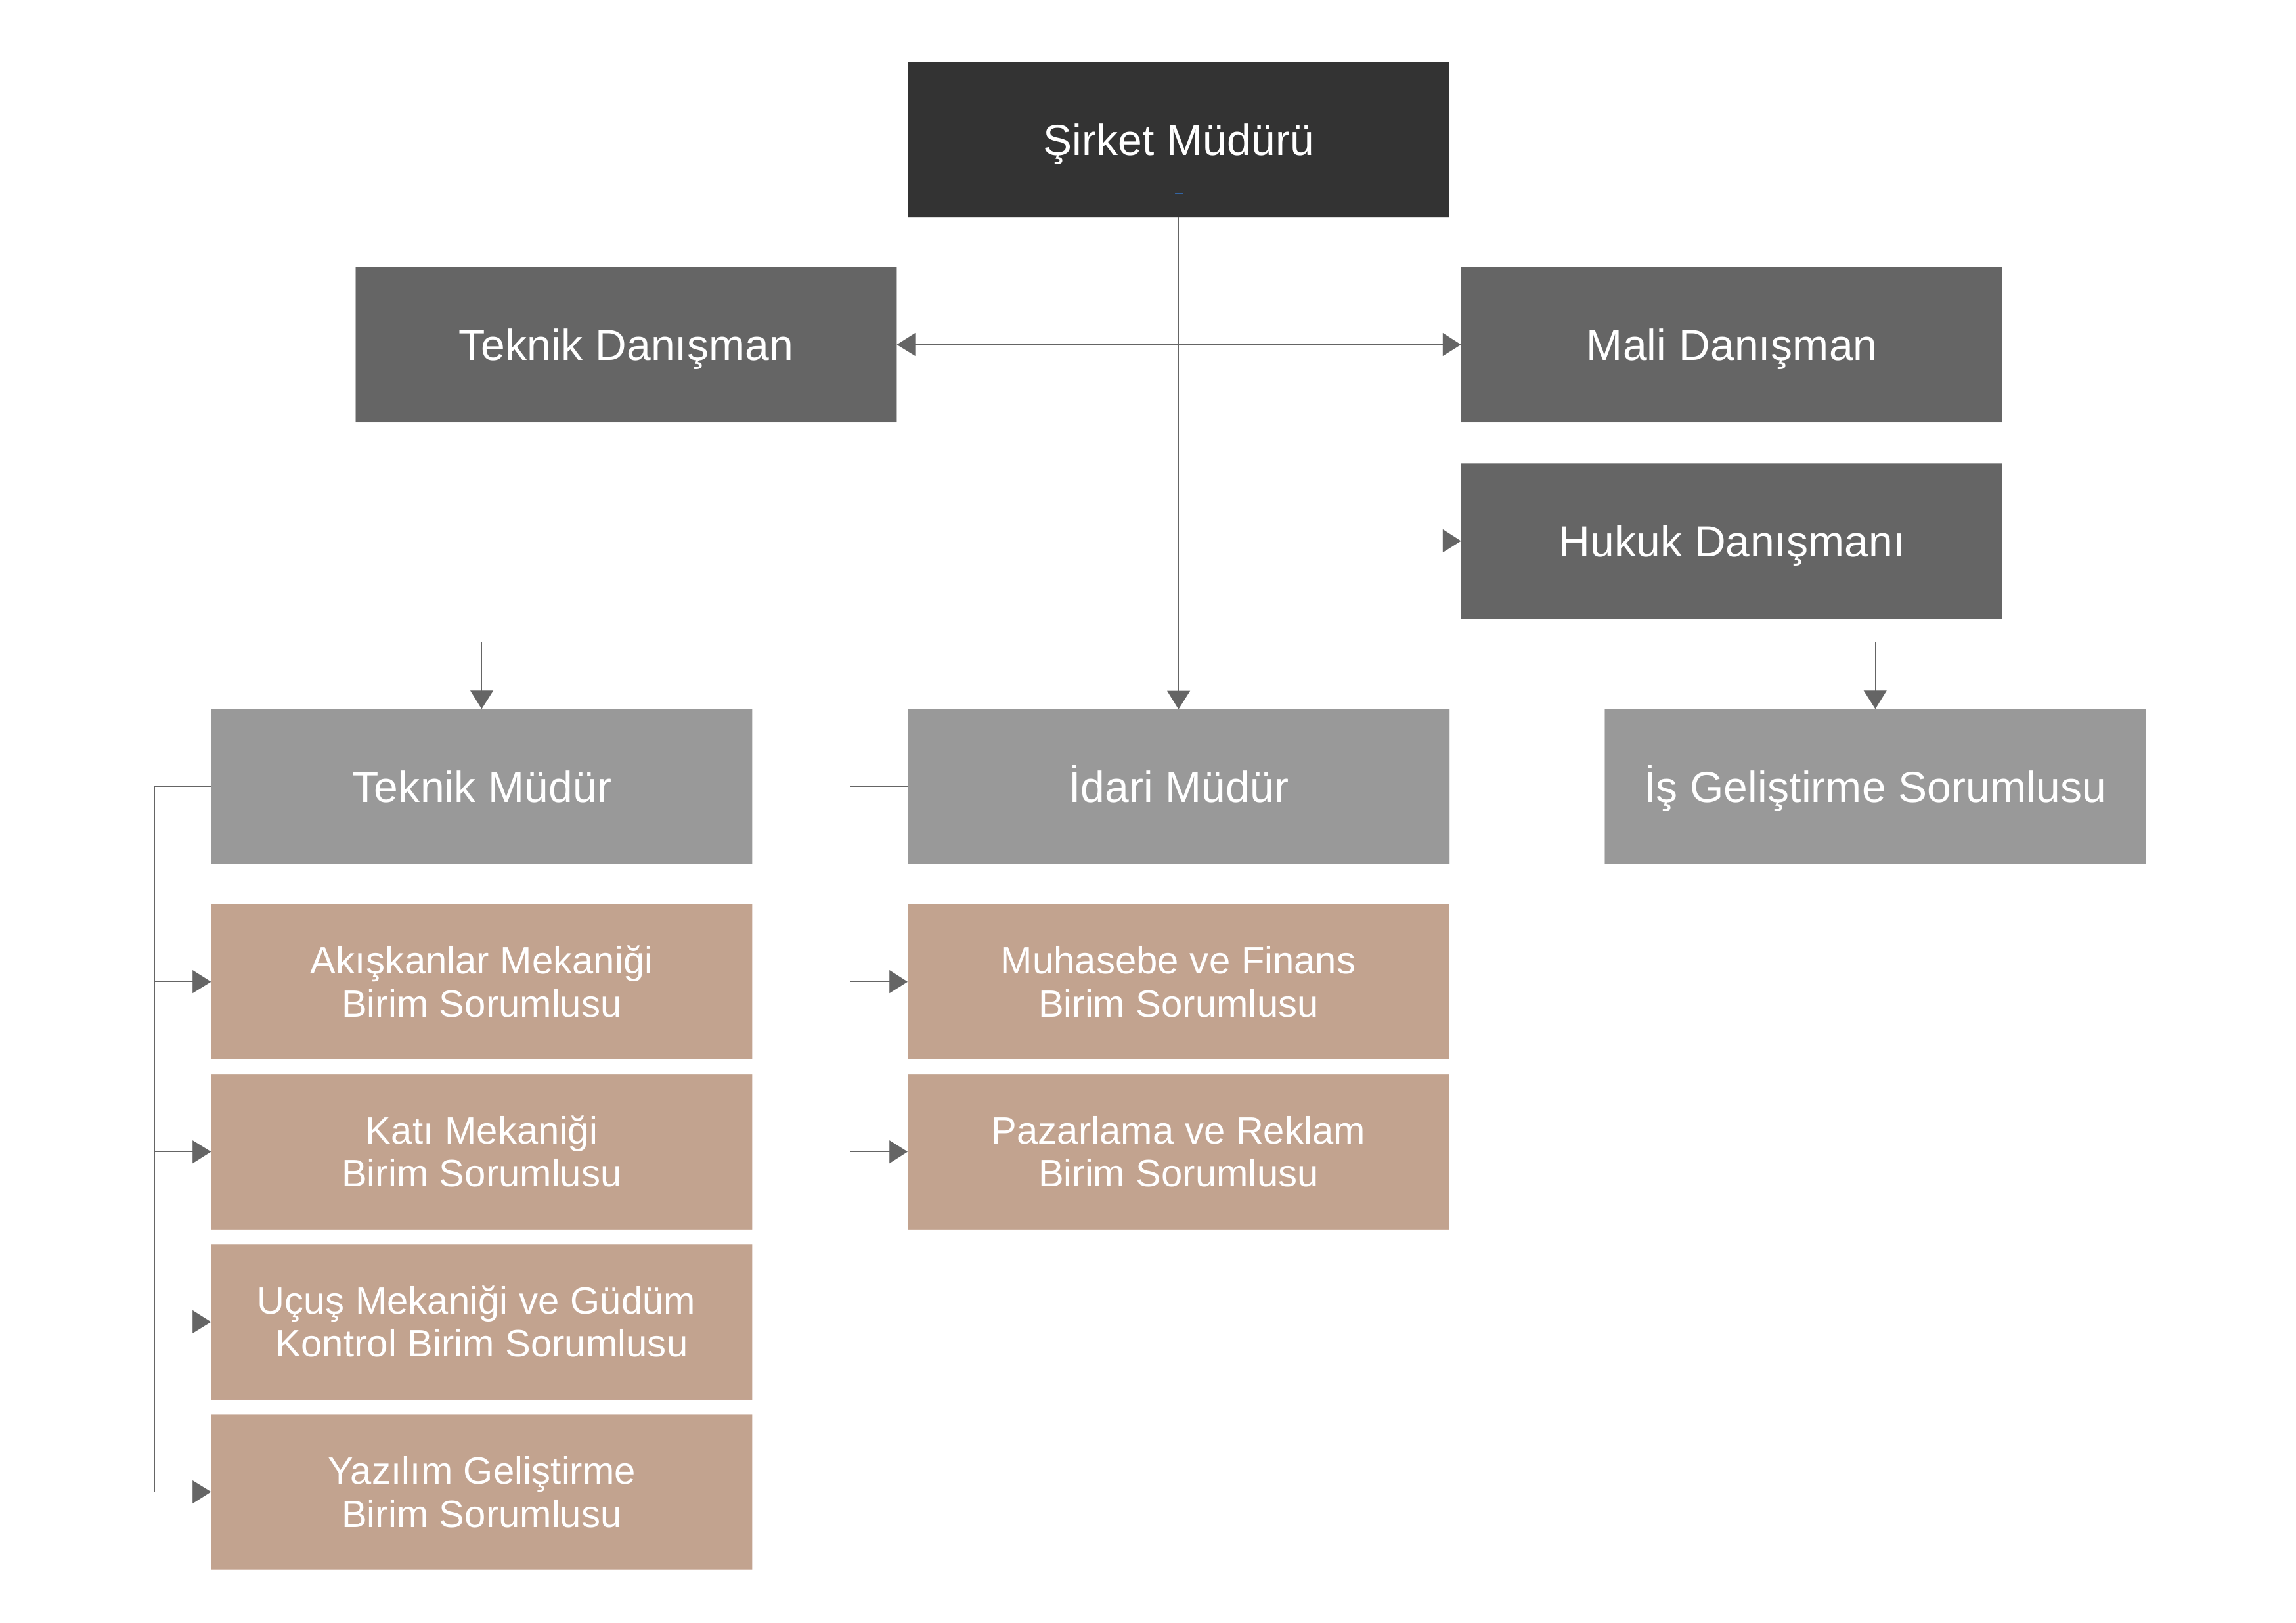 organizasyon_yapisi